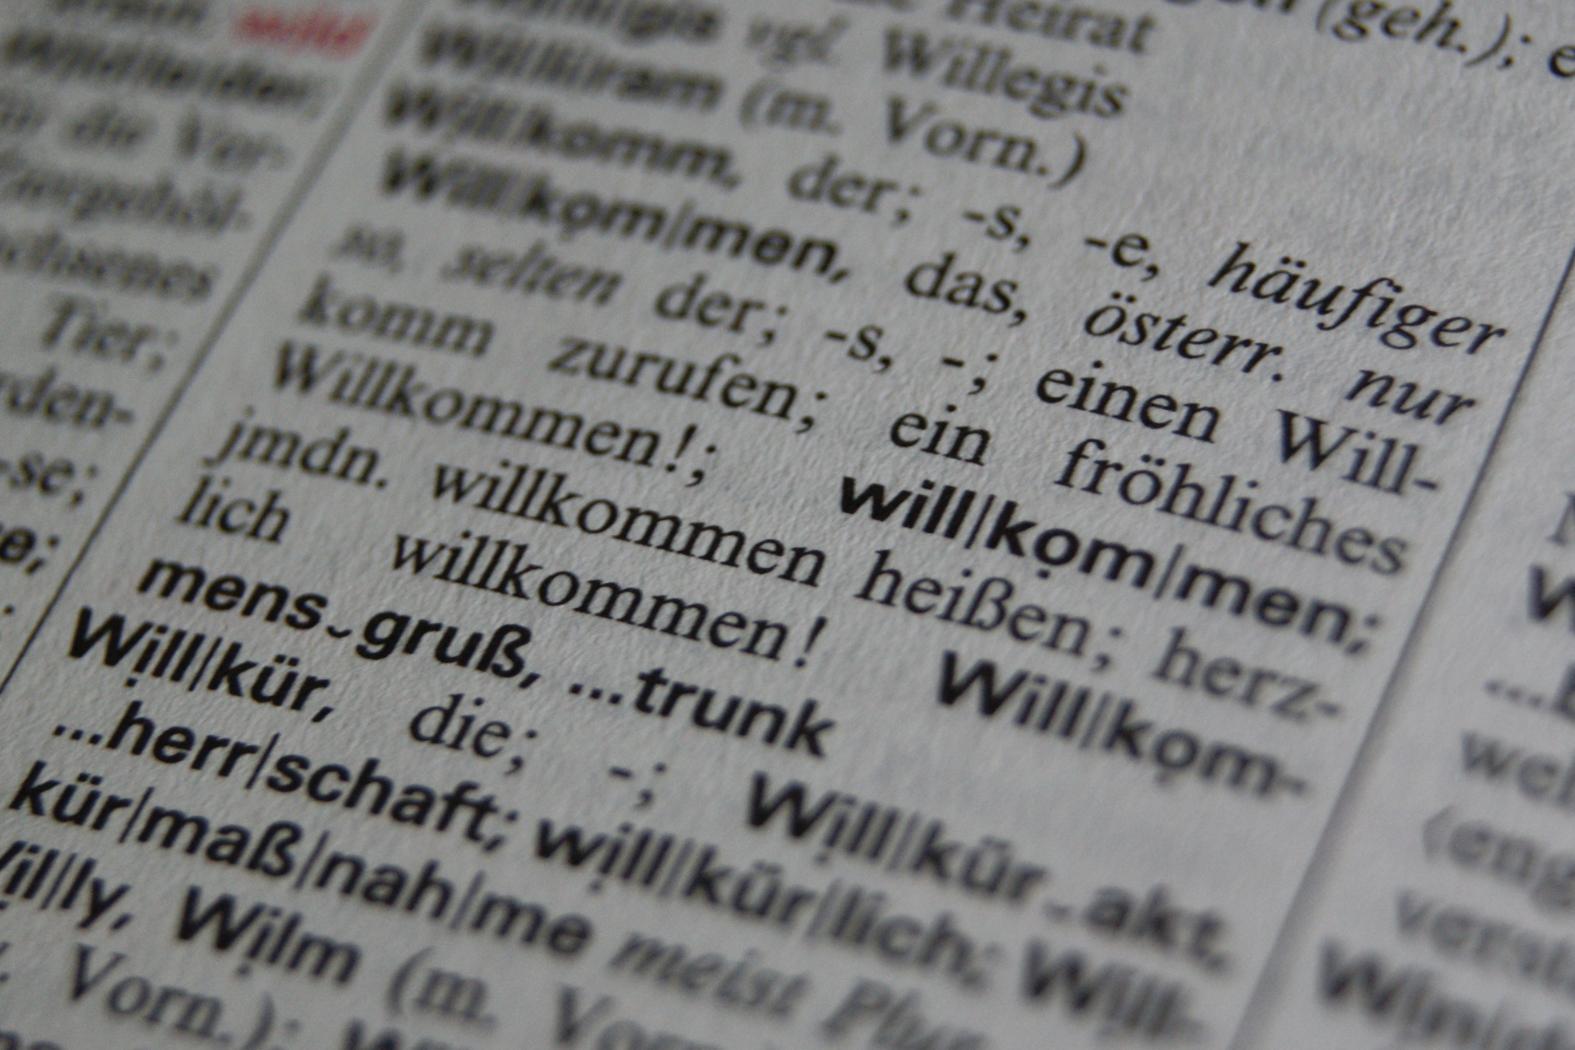 Willkür kommt nach Willkommen - Duden 21. Aufl.